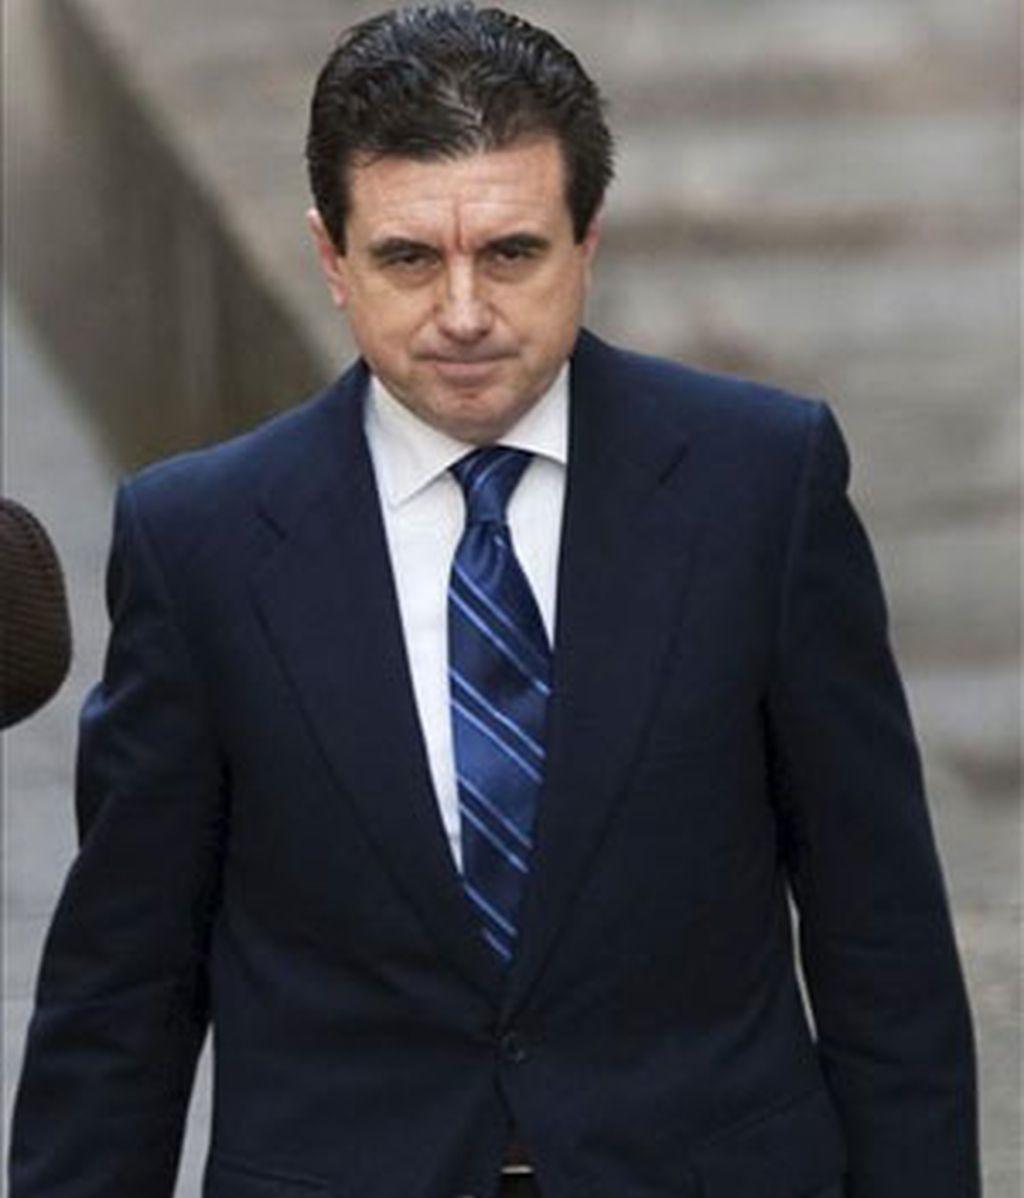 Matas se enfrenta a una imputación por doce delitos de corrupción. Foto: EFE.